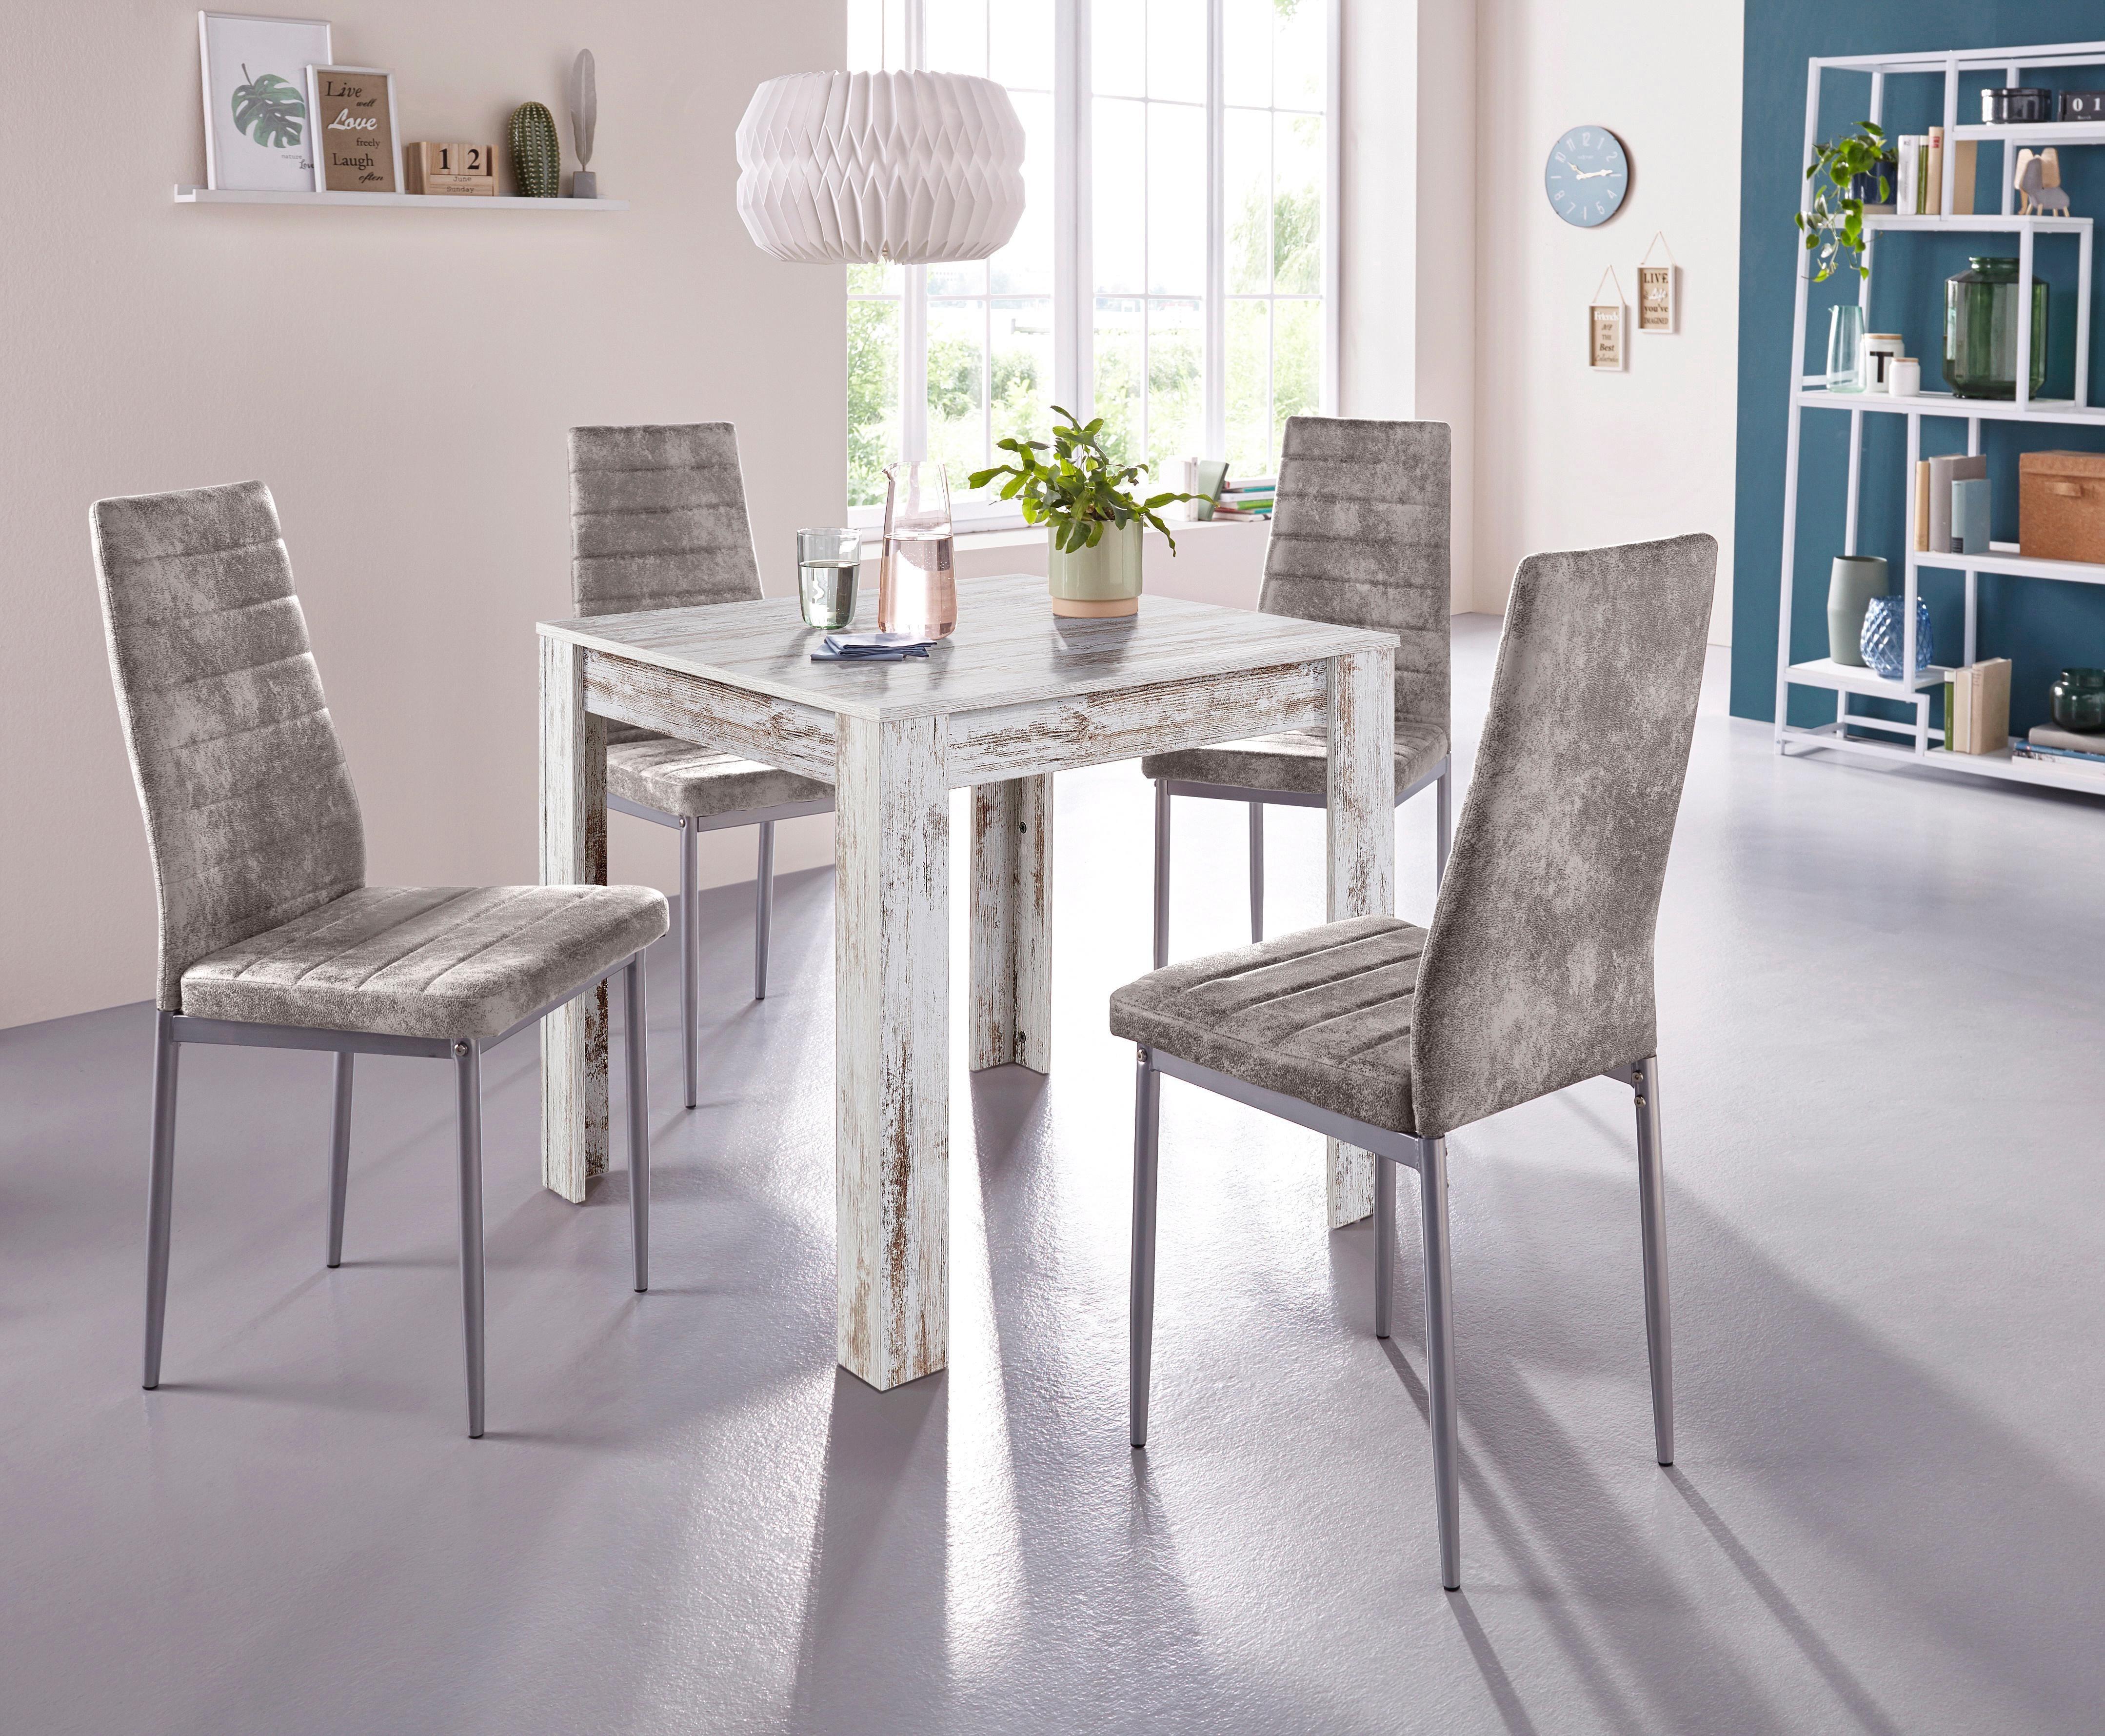 Esstische online kaufen | Möbel-Suchmaschine | ladendirekt.de ...